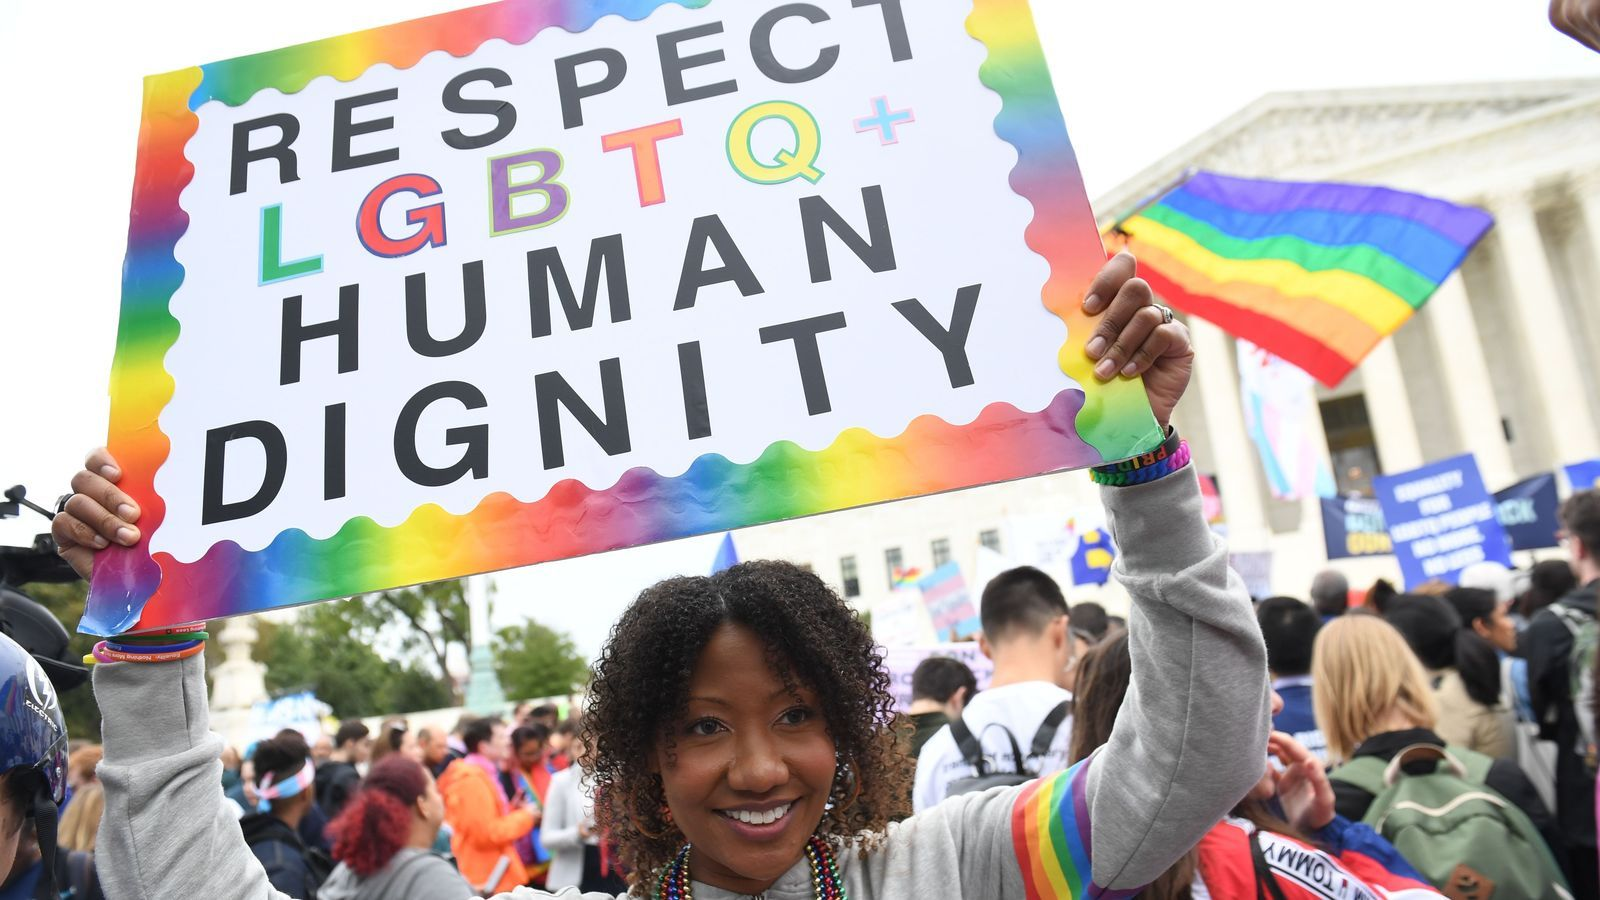 Victòria històrica per a la comunitat LGTBI als Estats Units